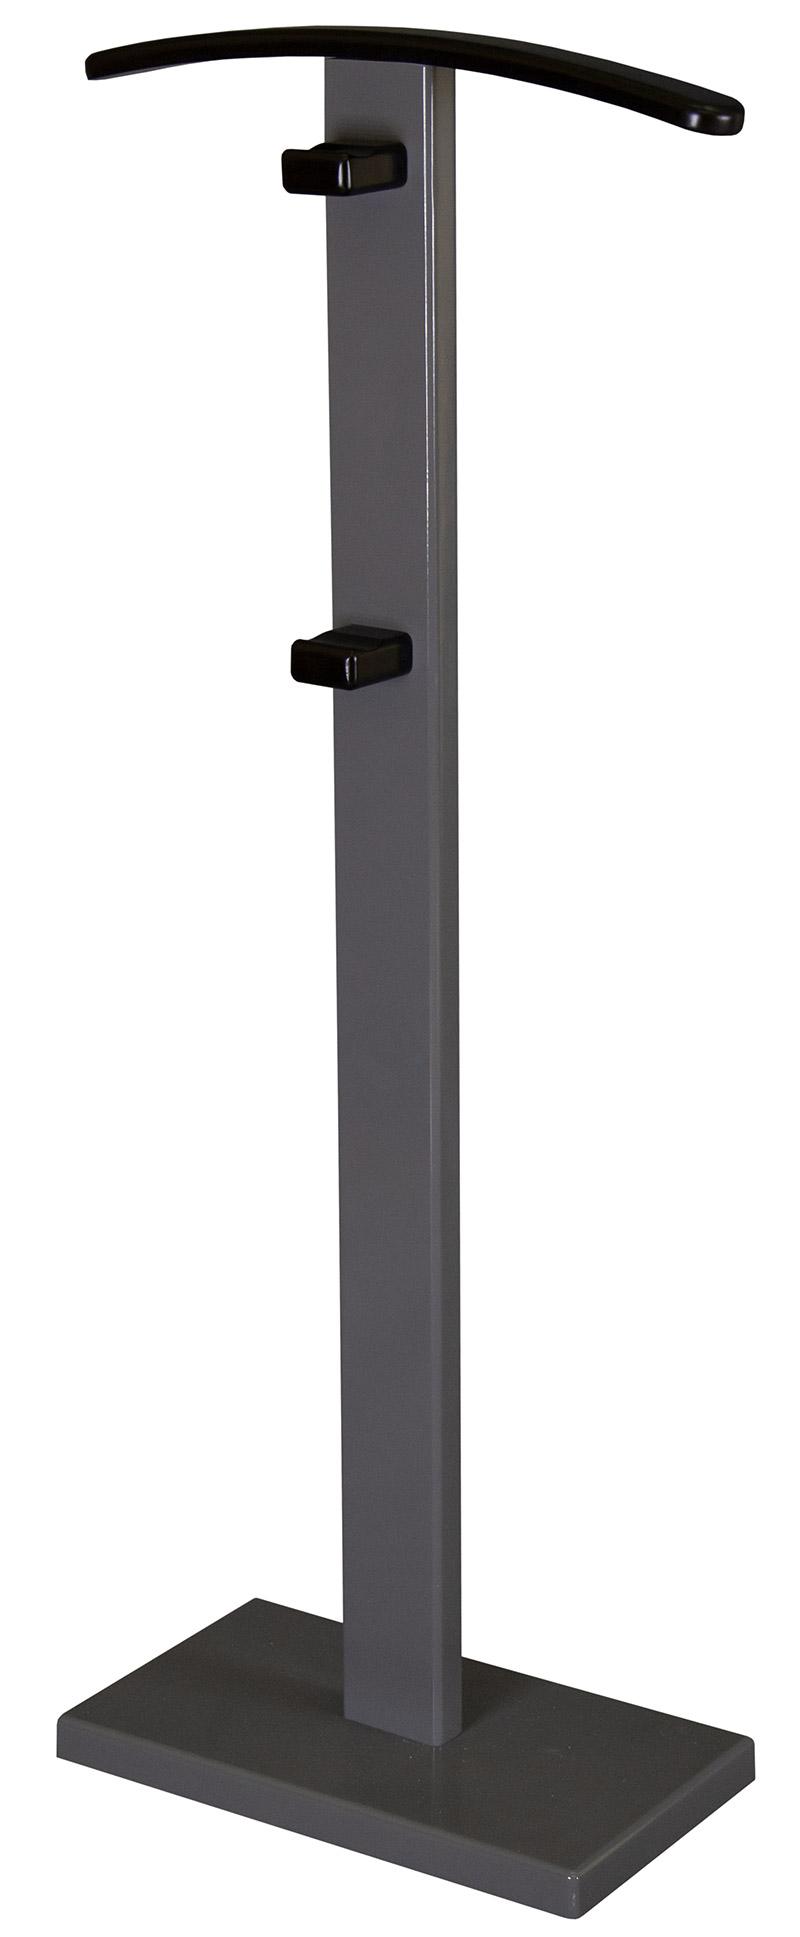 Вешалка костюмная Мебелик ГАЛАНТ 359 серый графит/венге